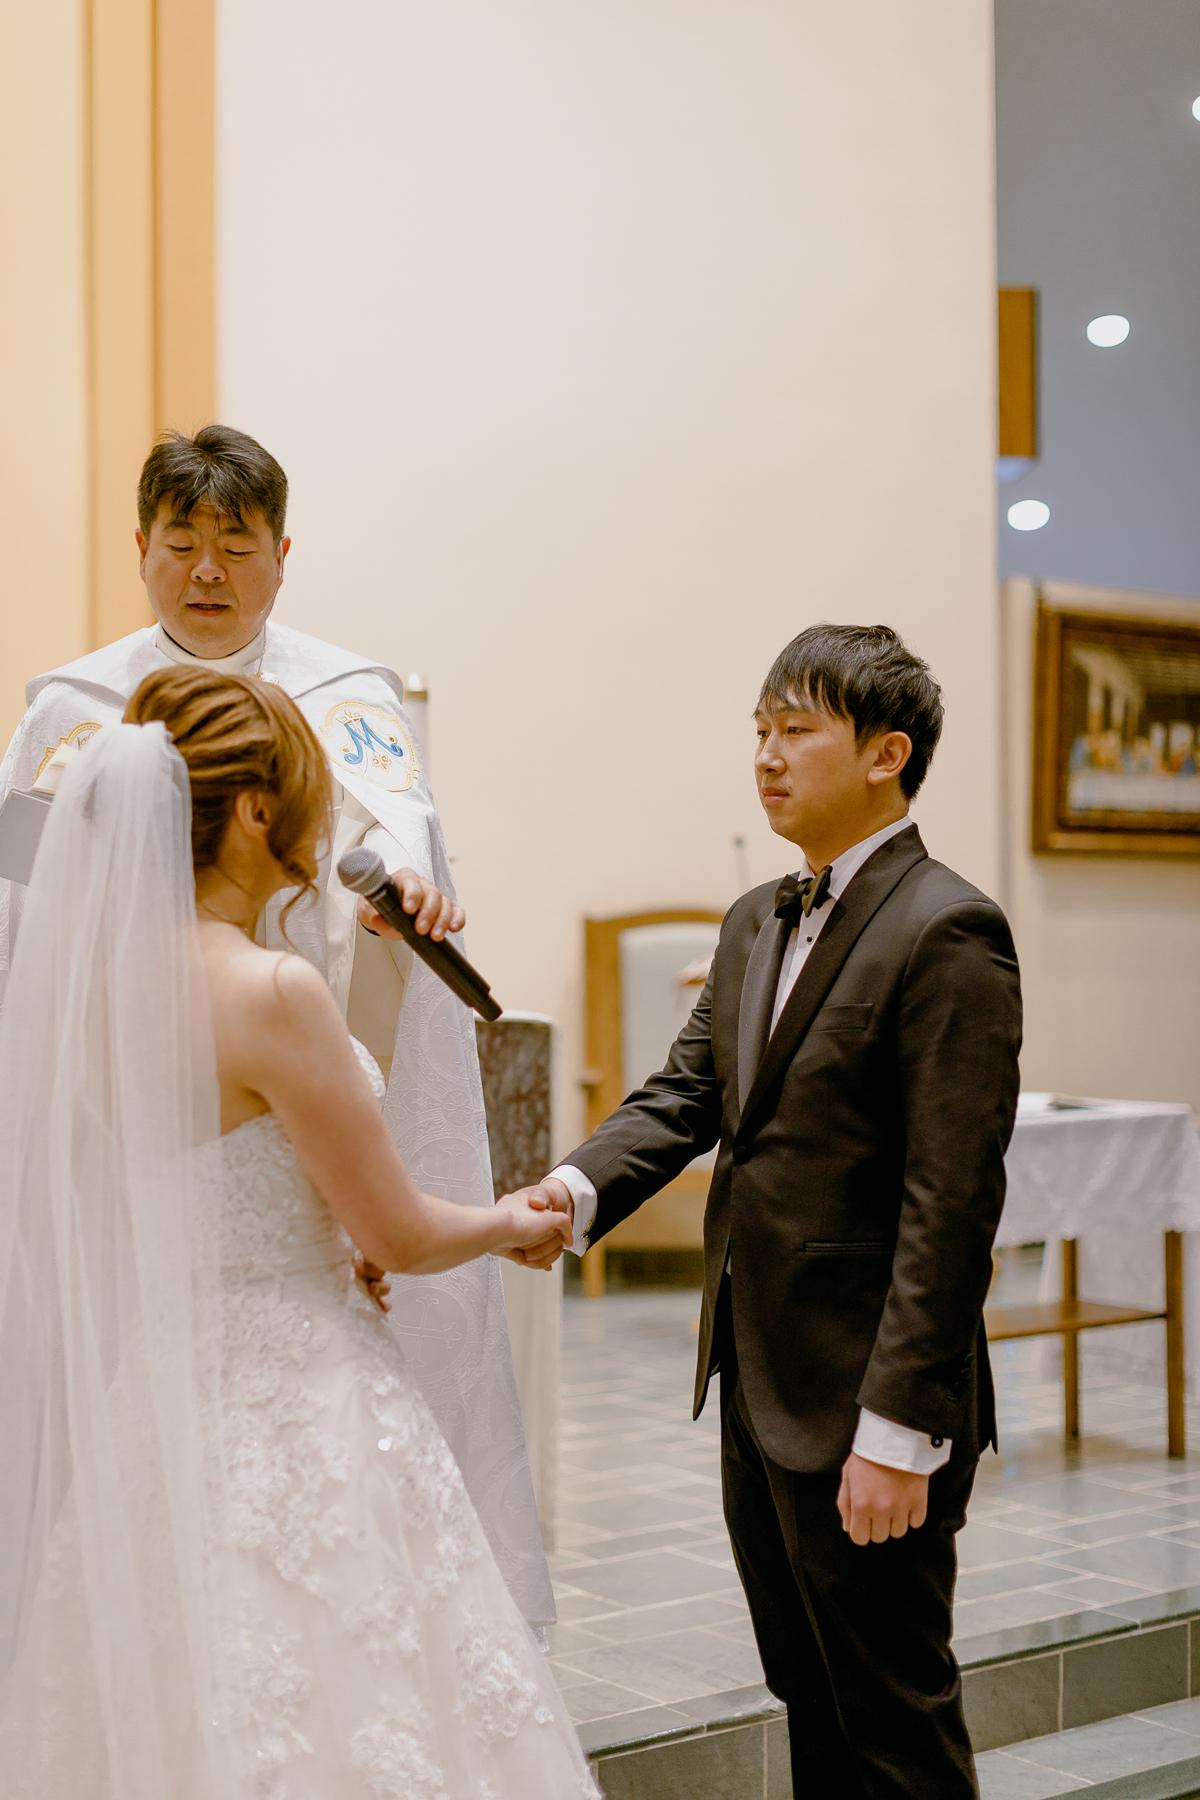 markham-wedding-photography-markham-museum-wedding 0045.jpg